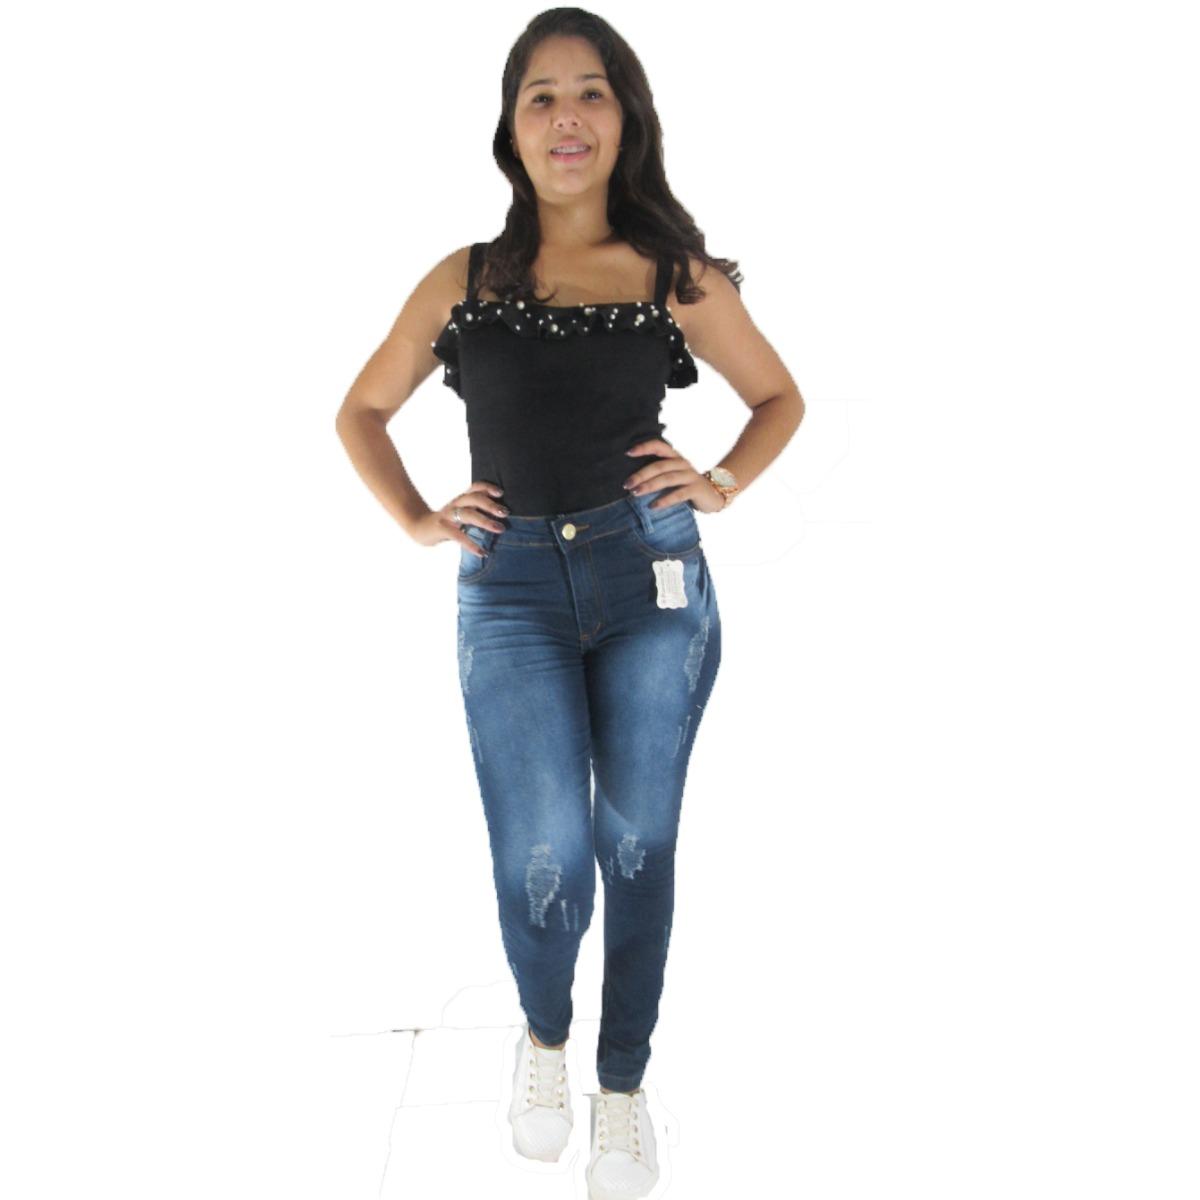 f4f4b693d84cb calças jeans feminina atacado kit 30 peças super promoção. Carregando zoom.